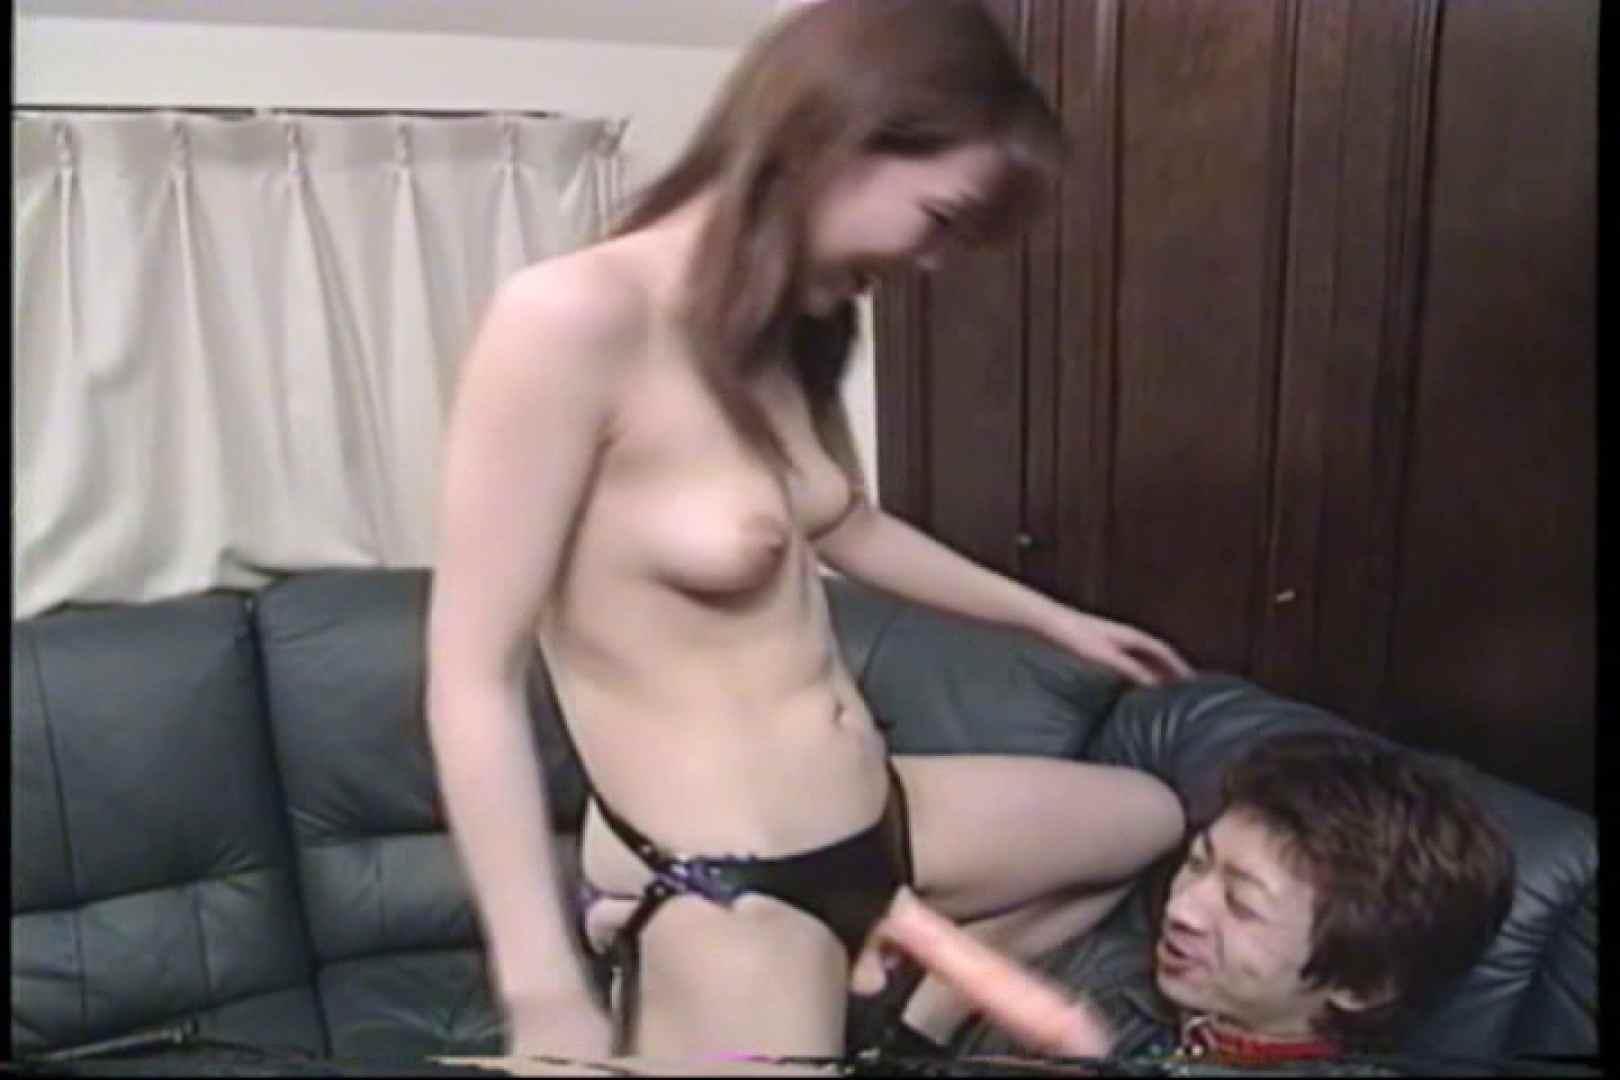 元気な女王様はお好きですか?~麻生紀香~ クンニ映像 AV動画キャプチャ 113pic 53